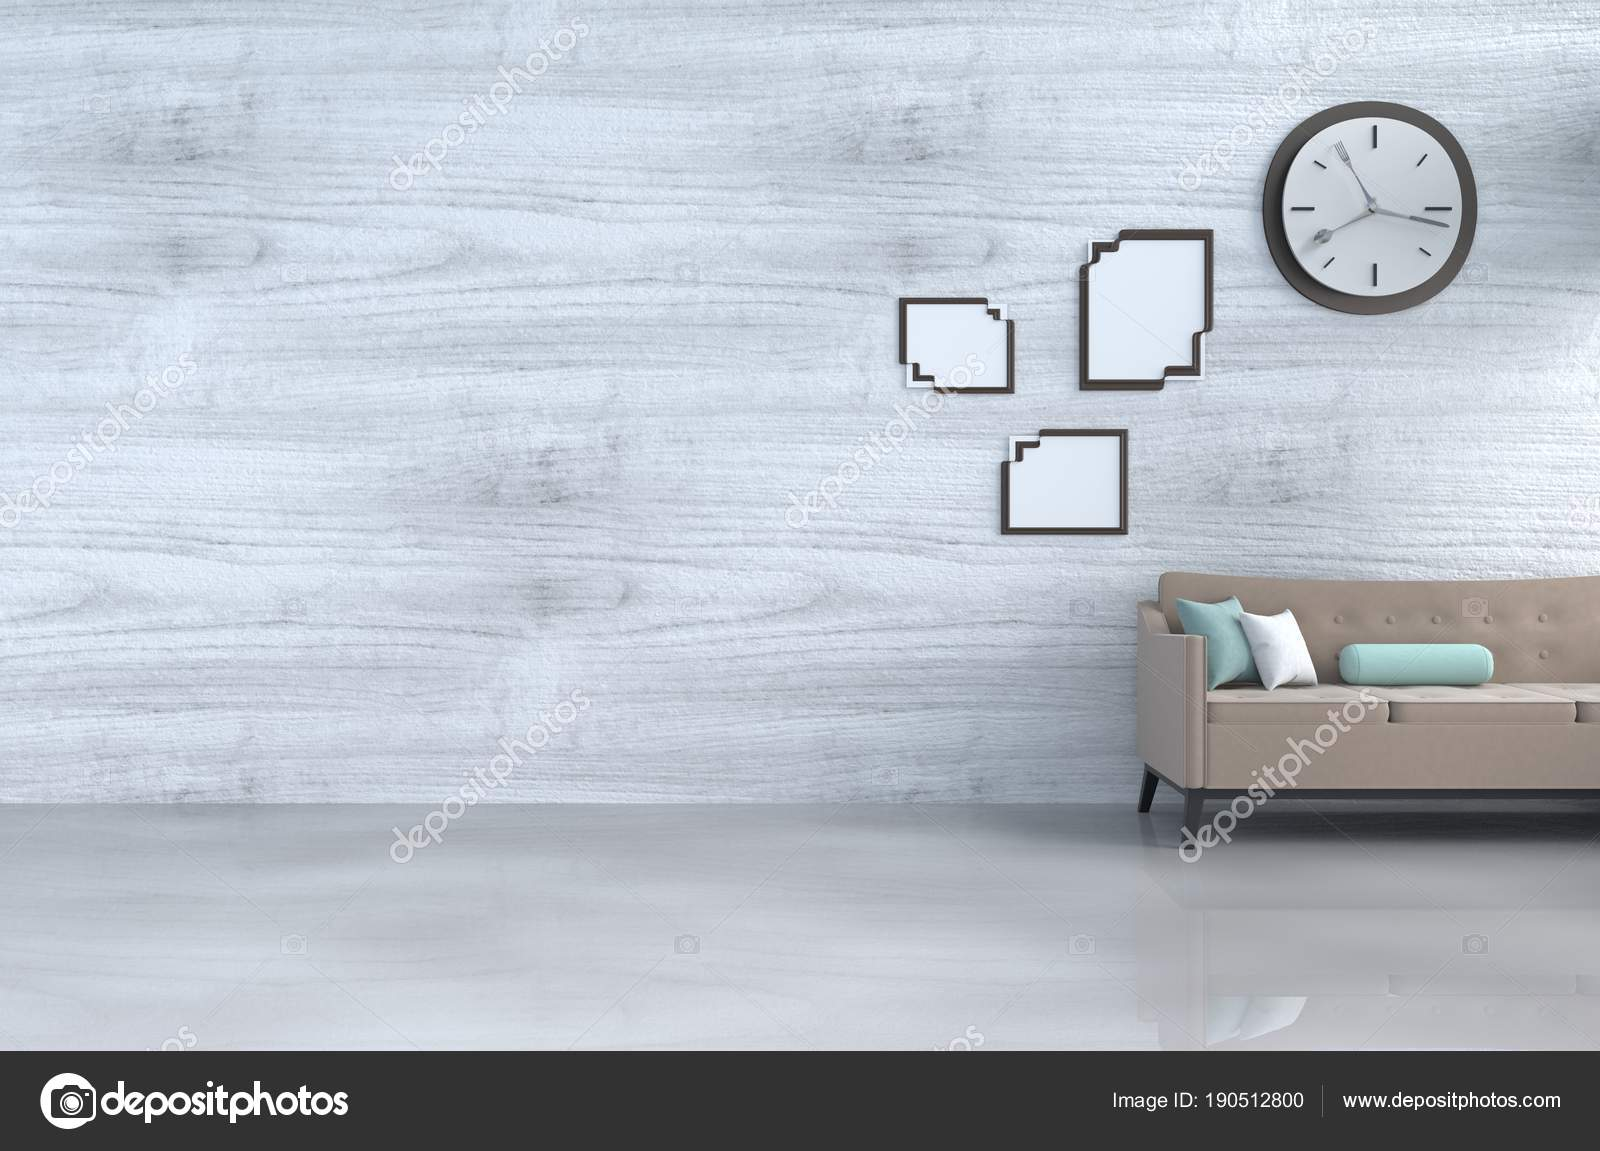 Grau Weiß Wohnzimmer Dekor Mit Braunen Sofa Wanduhr Weiße Holz ...